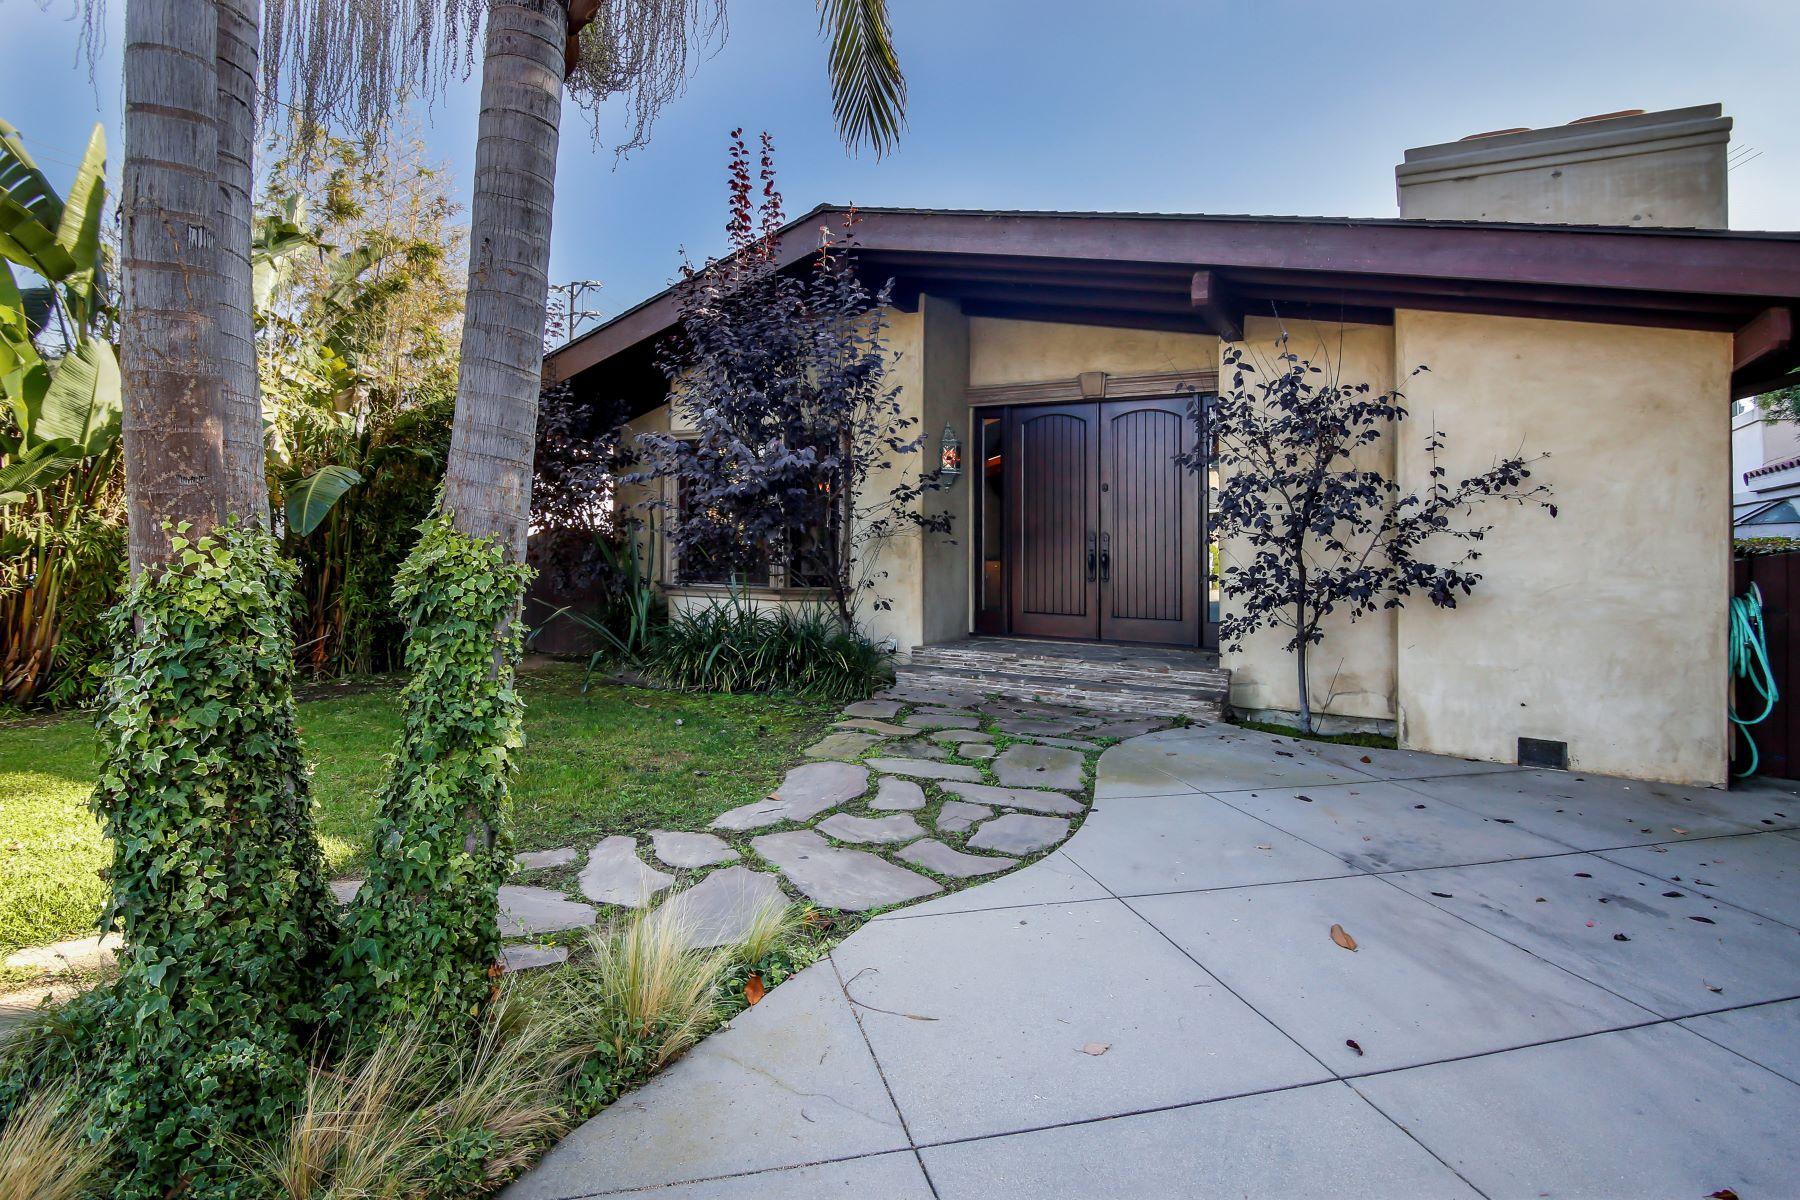 独户住宅 为 出租 在 870 Avenue A, Redondo Beach 90277 雷东多海滩, 加利福尼亚州, 90277 美国